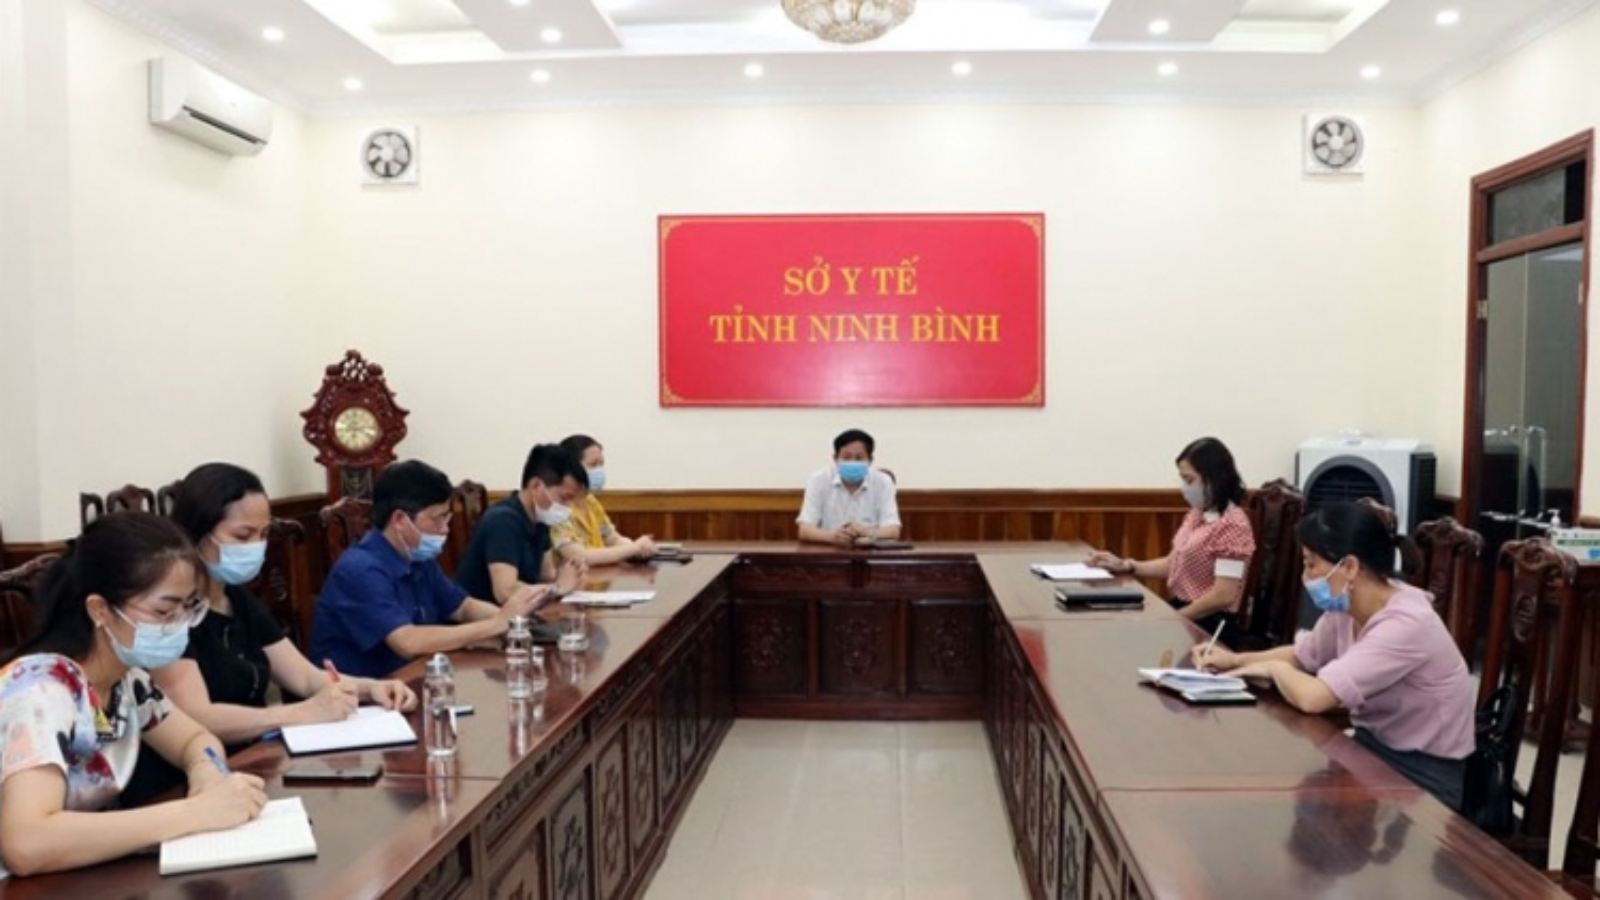 2 ca mắc Covid-19 ở Ninh Bình đã từng được cách ly tại Hà Nội